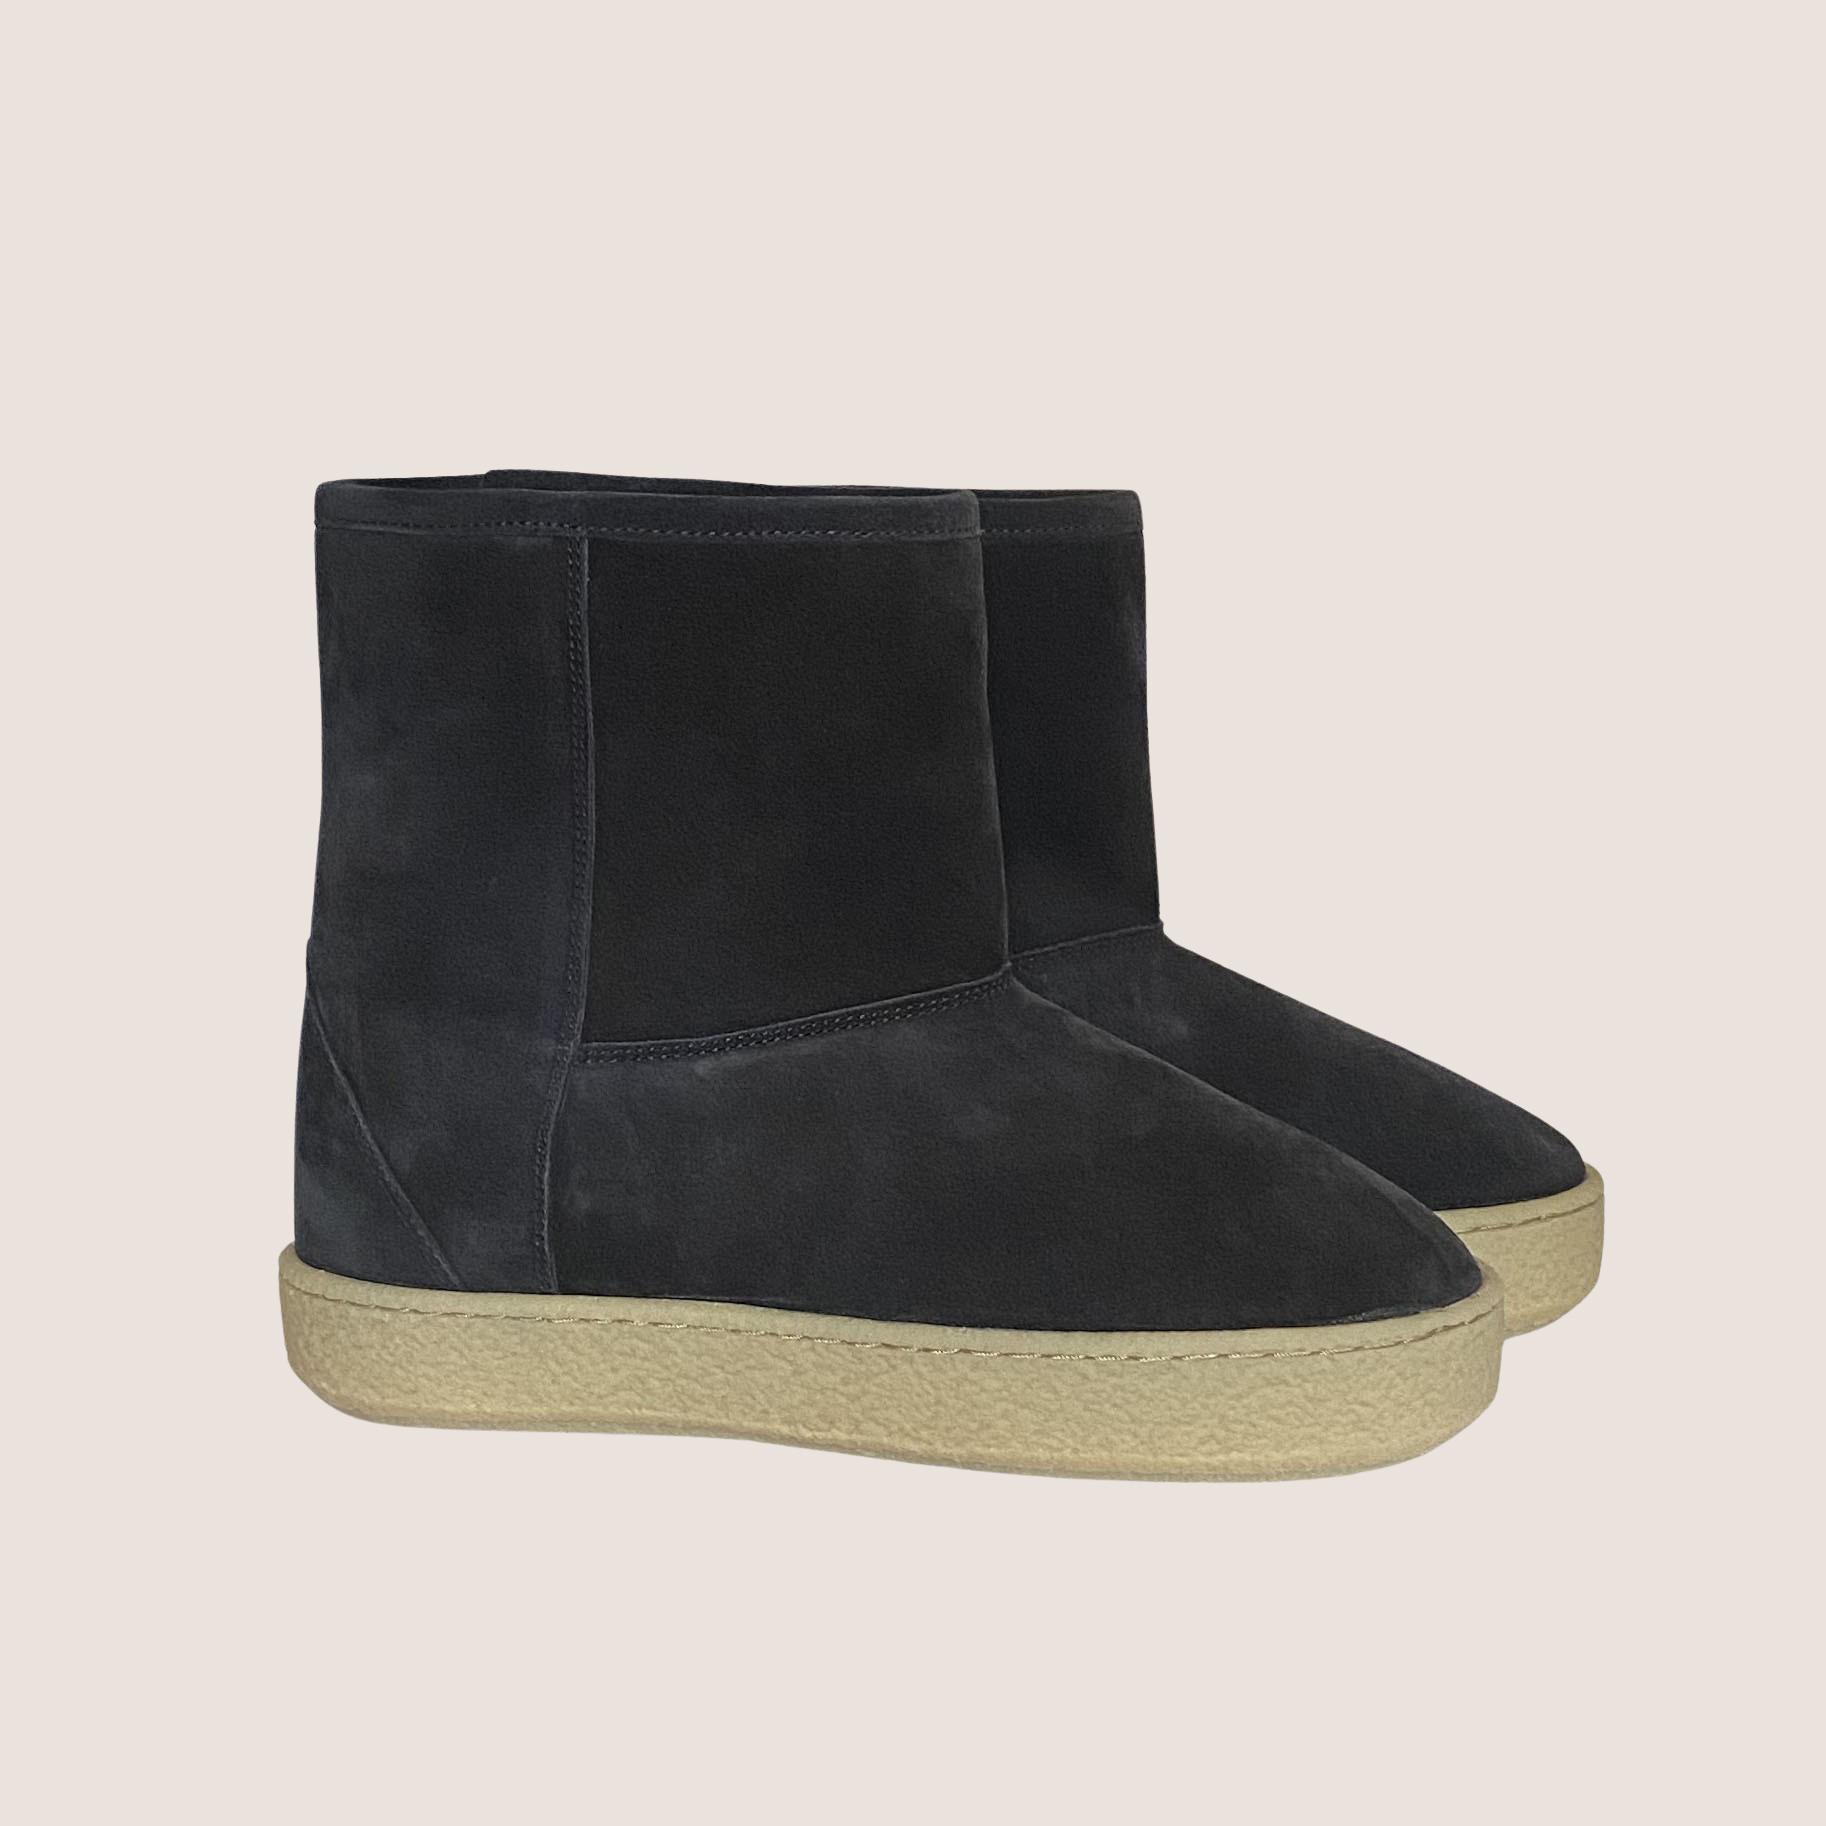 Frieze Boots